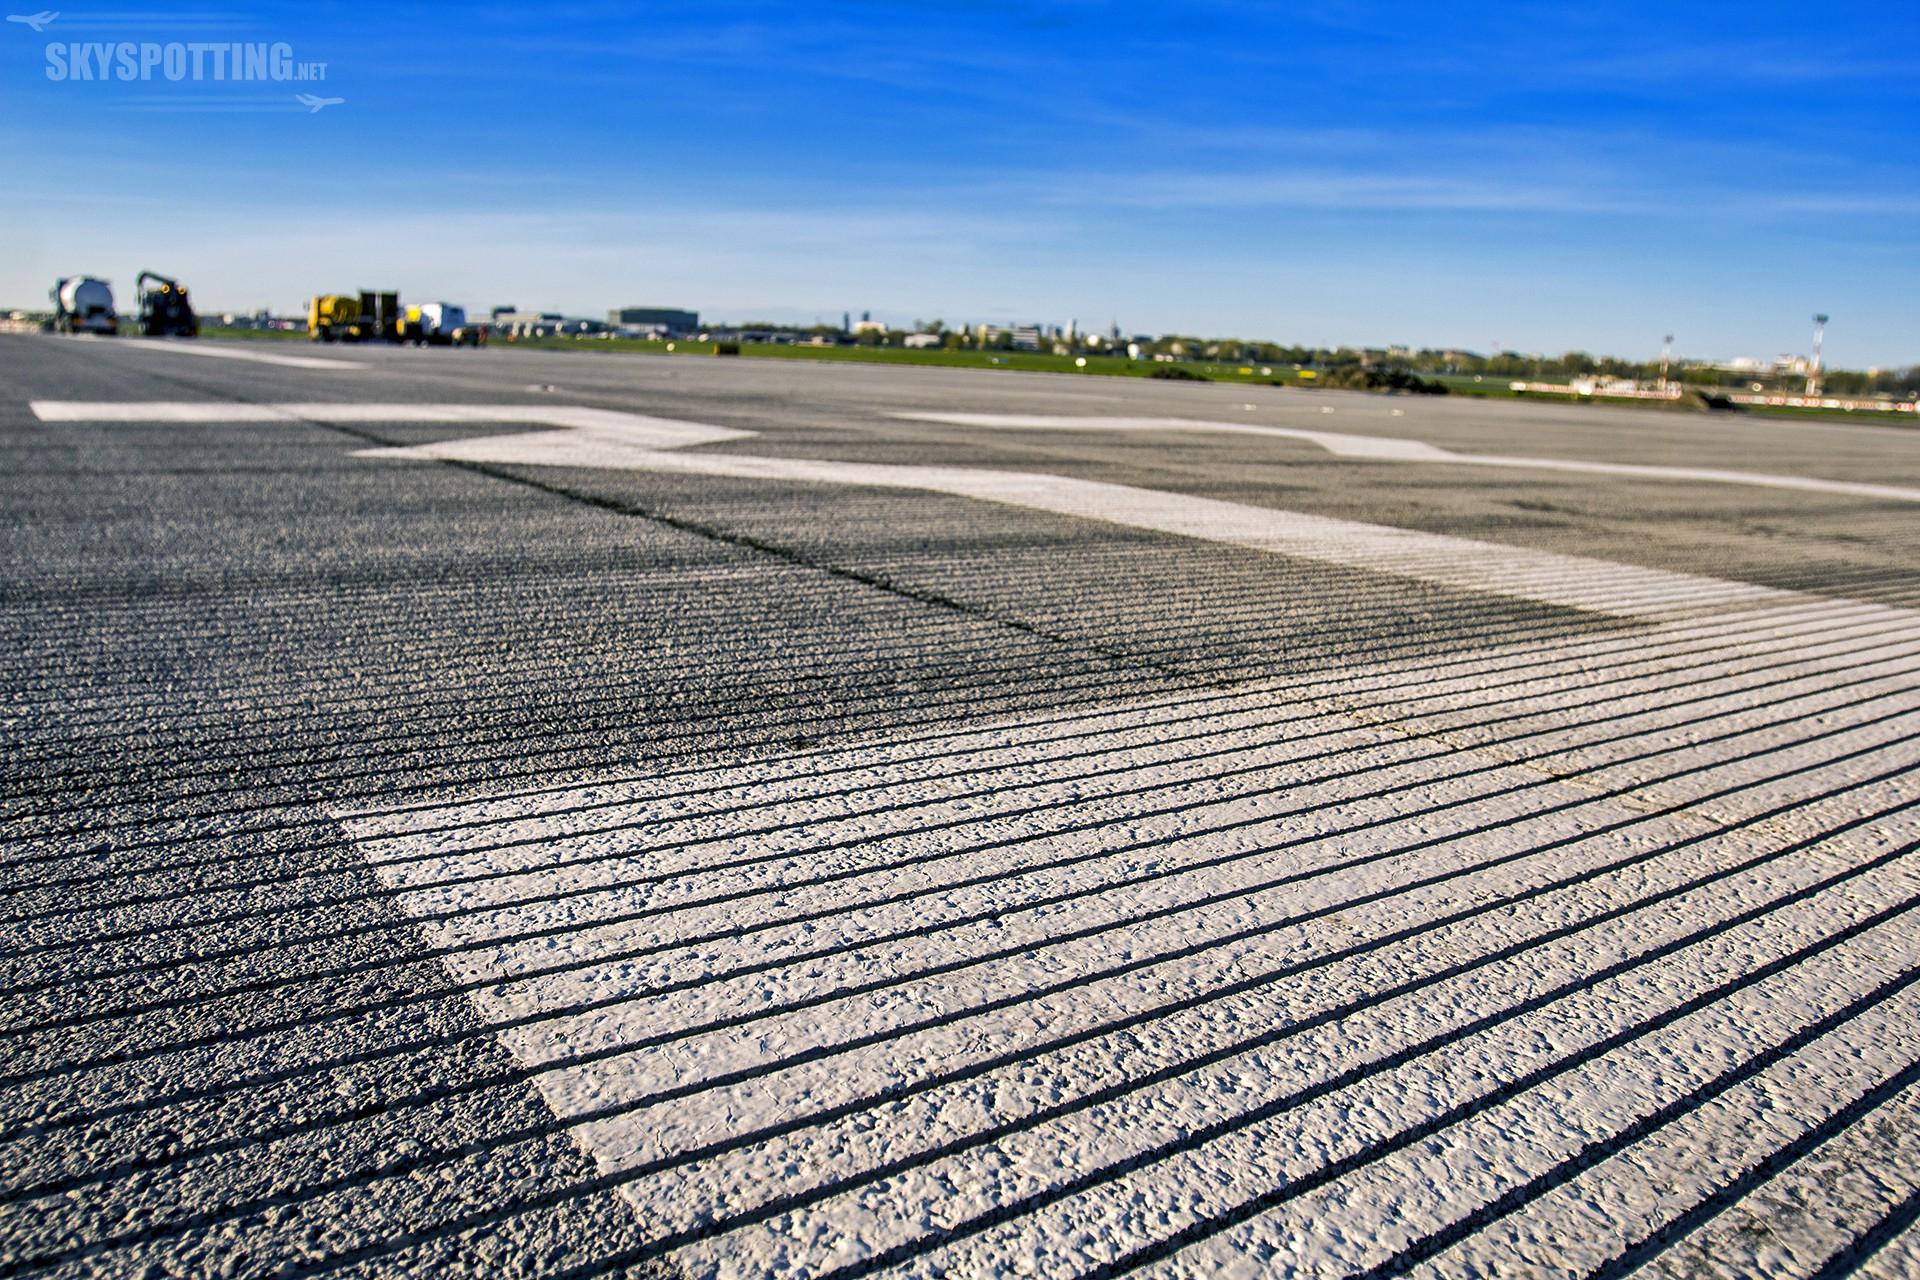 Prace modernizacyjne na pasie startowym na Lotnisku Chopina zostały zakończone zgodnie z harmonogramem